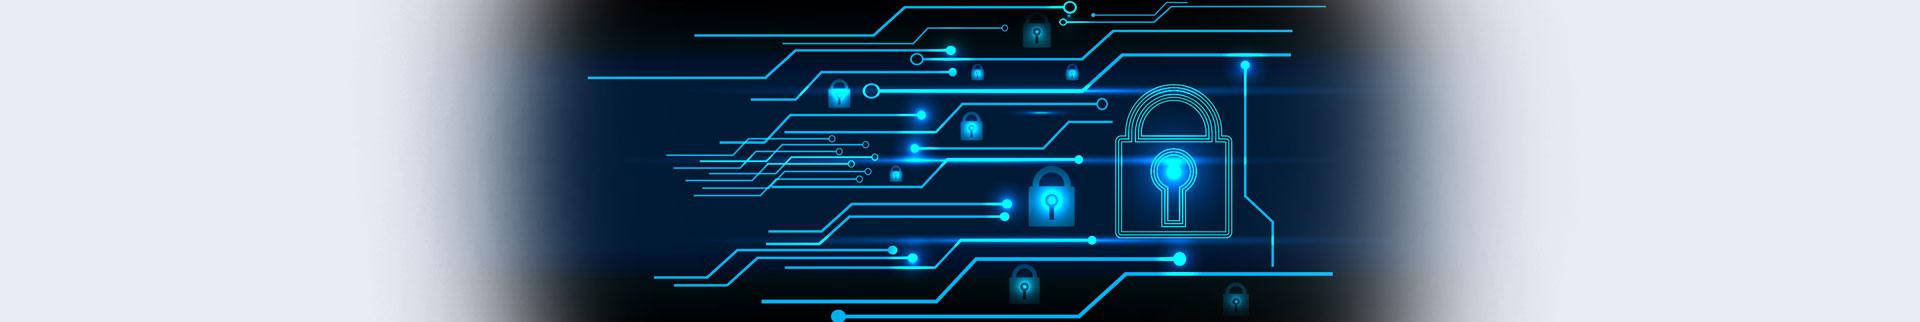 Data protection modernization